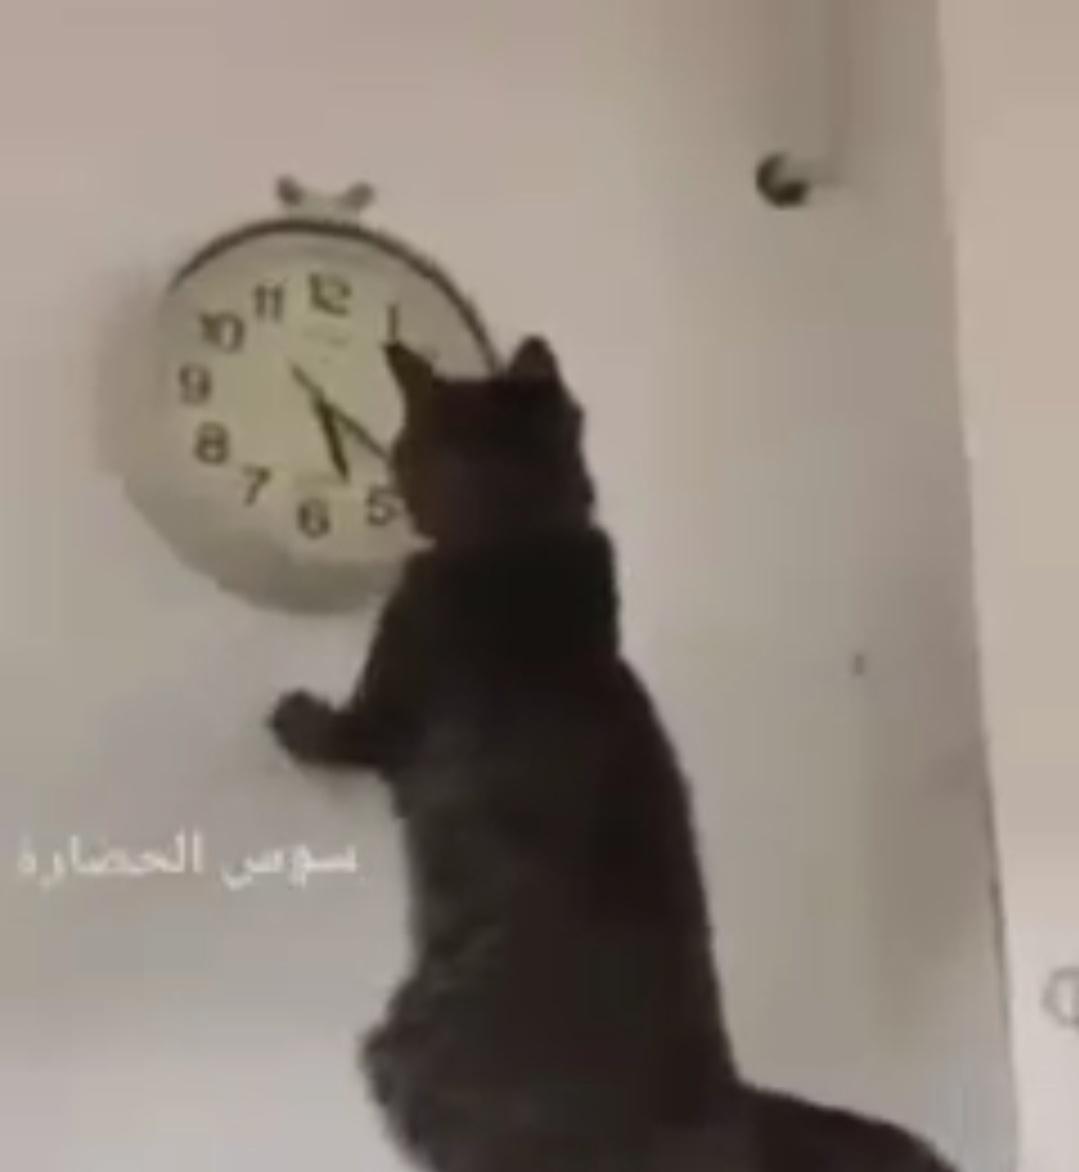 L'heure du couvre-feu du gouvernement marocain est sans précédent. Ubuesque ou géniale ?